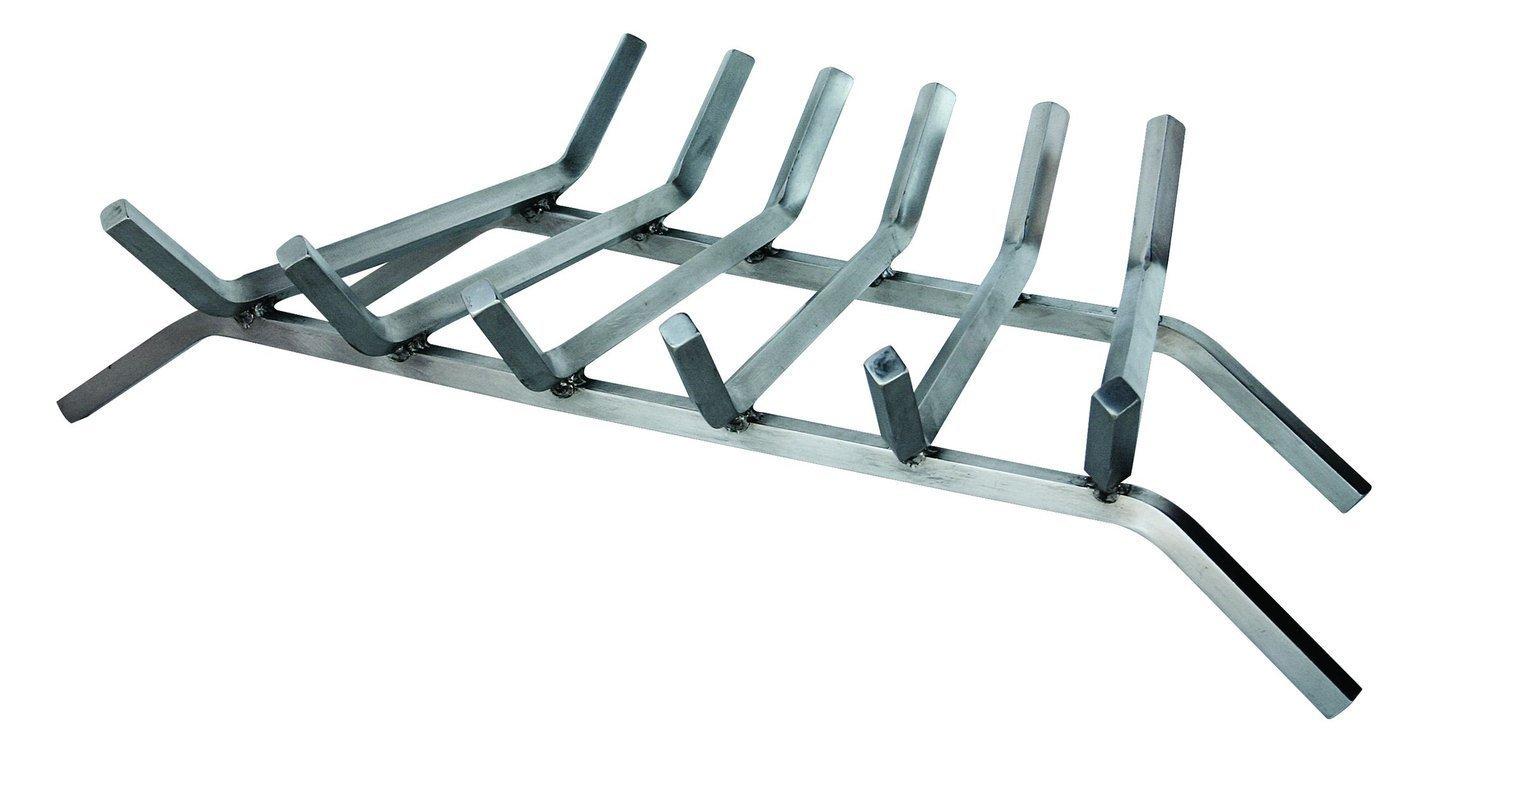 Uniflame, C-7727, 27 in. 6-Bar 304 Stainless Steel Bar Grate by Uniflame